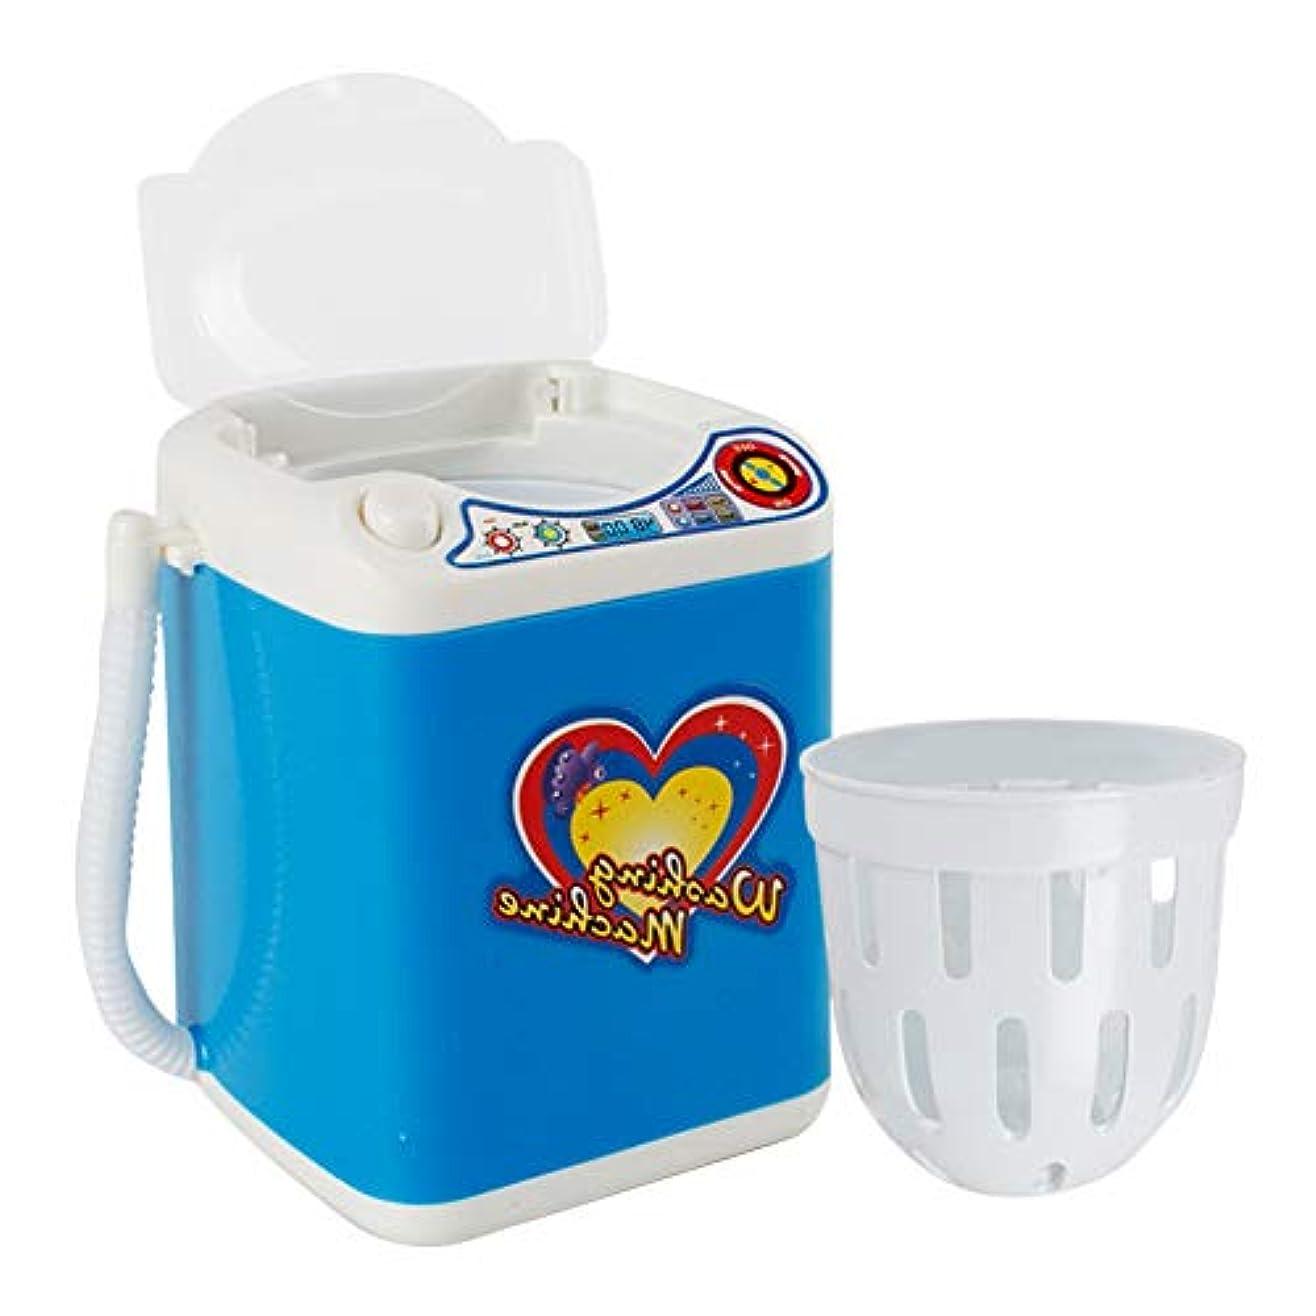 時折省マルコポーロメイクアップブラシクリーナースピナーマシン - 電子ミニ洗濯機形状自動化粧ブラシクリーナー乾燥ブラシ、スポンジとパウダーパフのためのディープクリーニング(青)